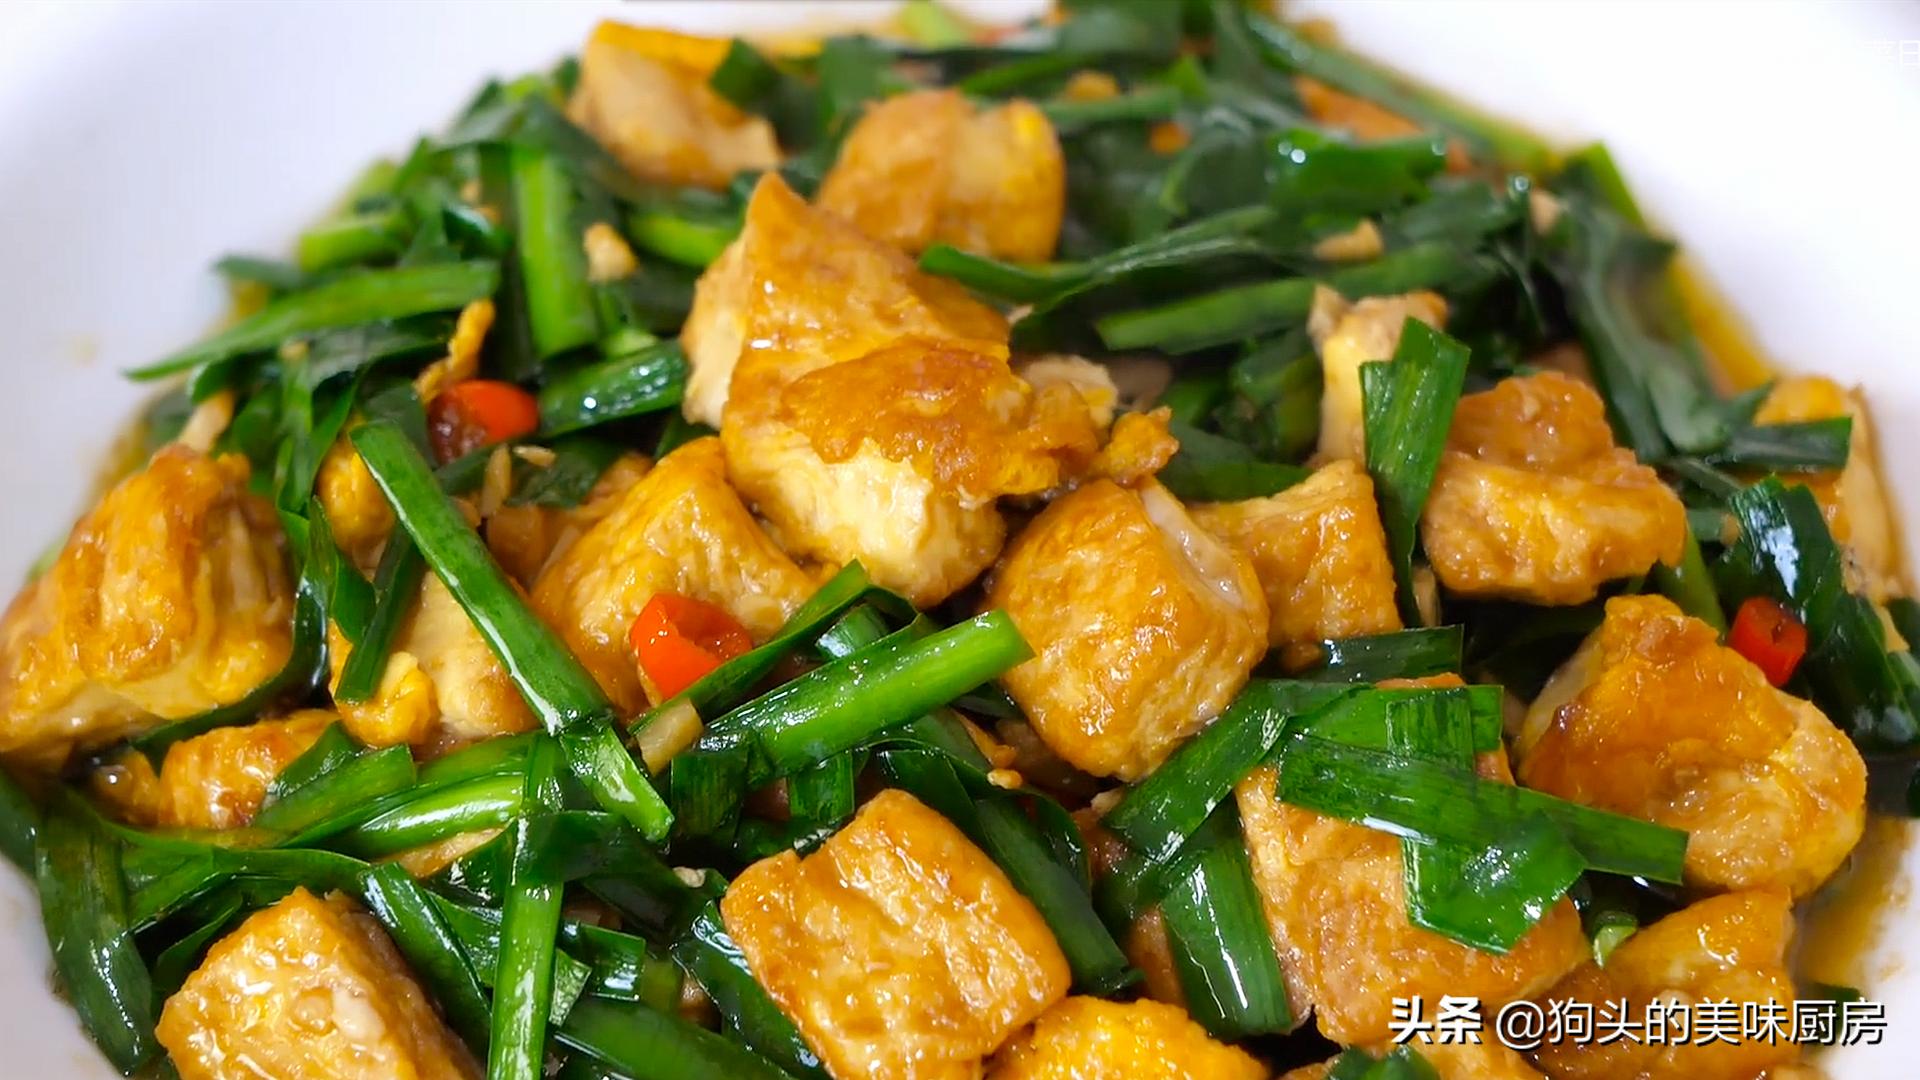 豆腐和它最配,简单易做,味道鲜美,比麻婆豆腐好吃,上桌就光盘 美食做法 第3张